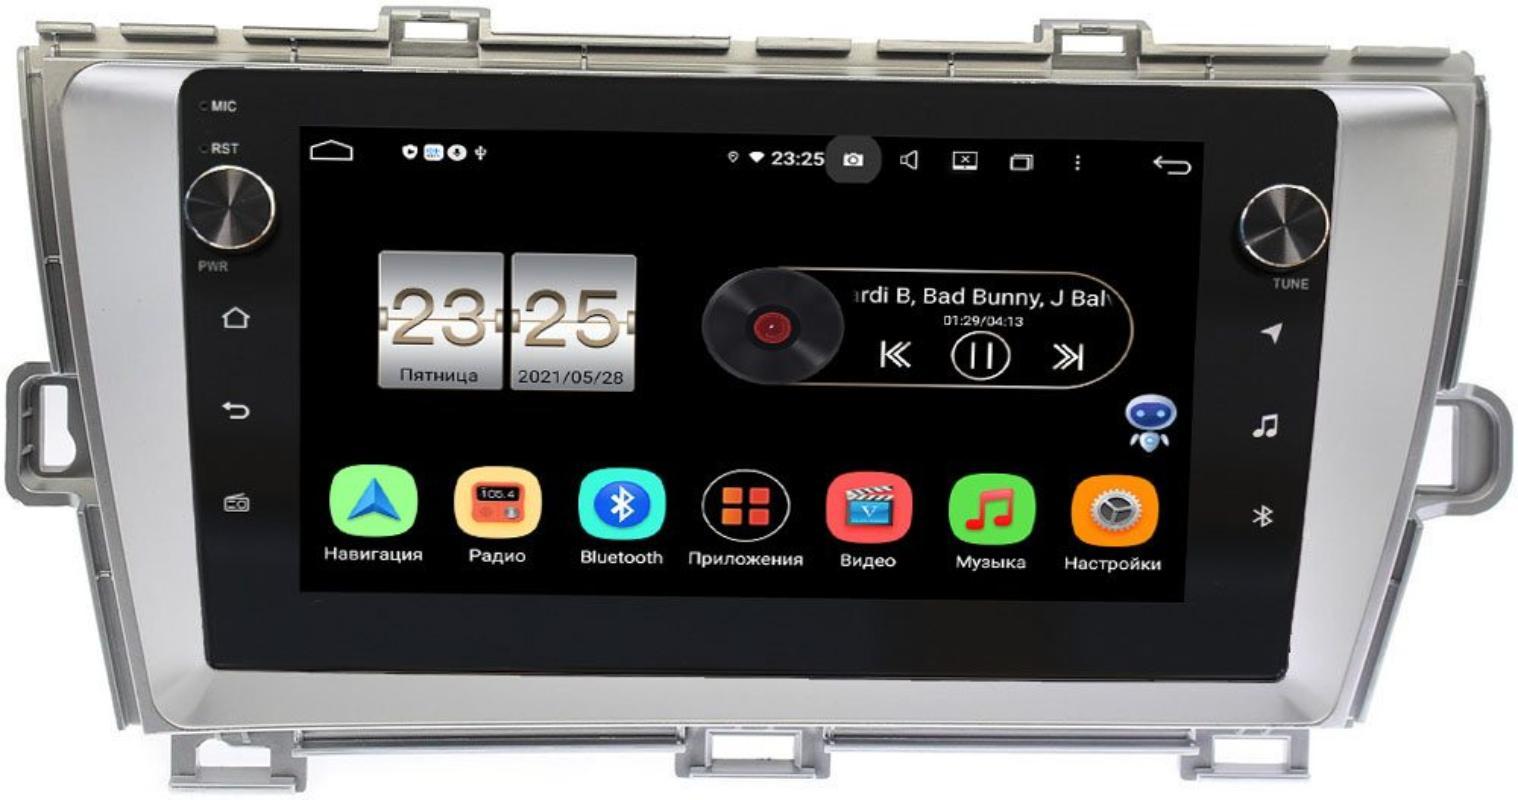 Штатная магнитола LeTrun BPX609-9092 для Toyota Prius III (XW30) 2009-2015 (правый руль) серебро на Android 10 (4/64, DSP, IPS, с голосовым ассистентом, с крутилками) (+ Камера заднего вида в подарок!)